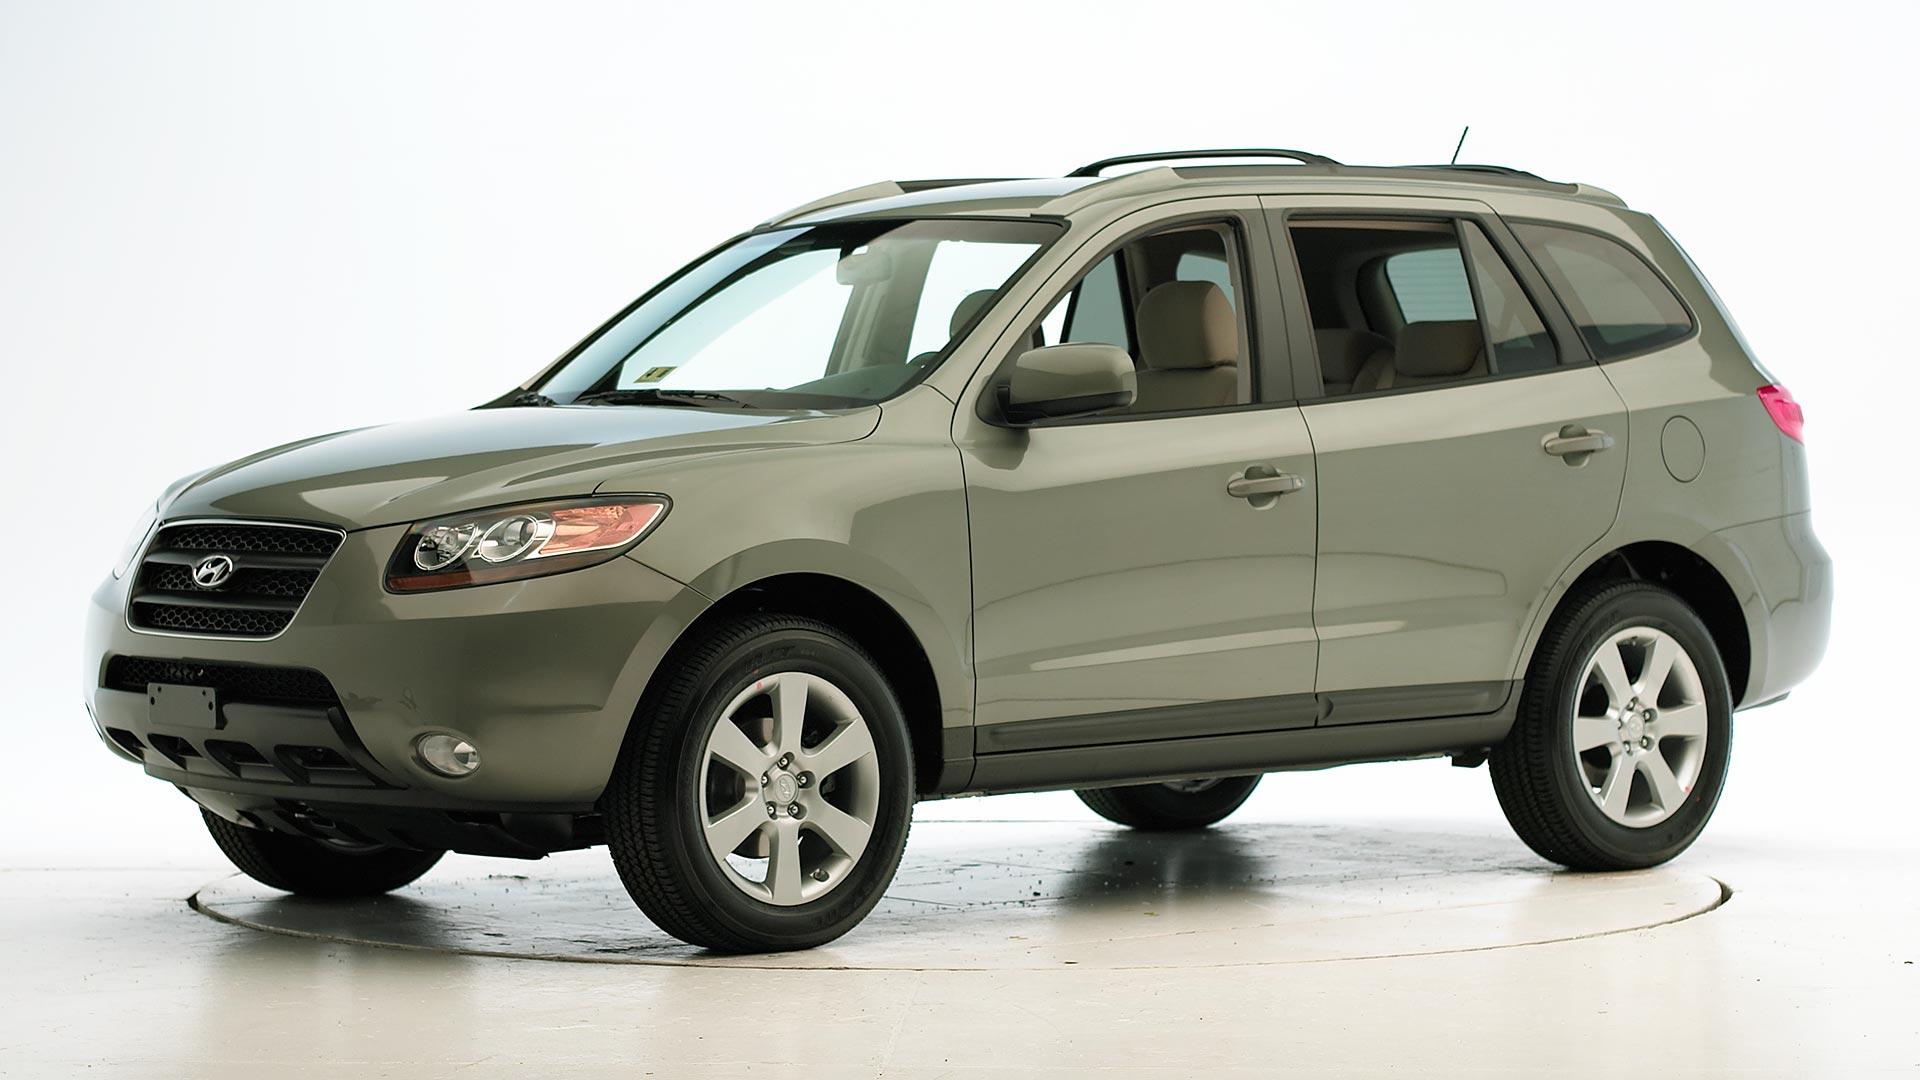 Santa Fe Suv >> 2009 Hyundai Santa Fe